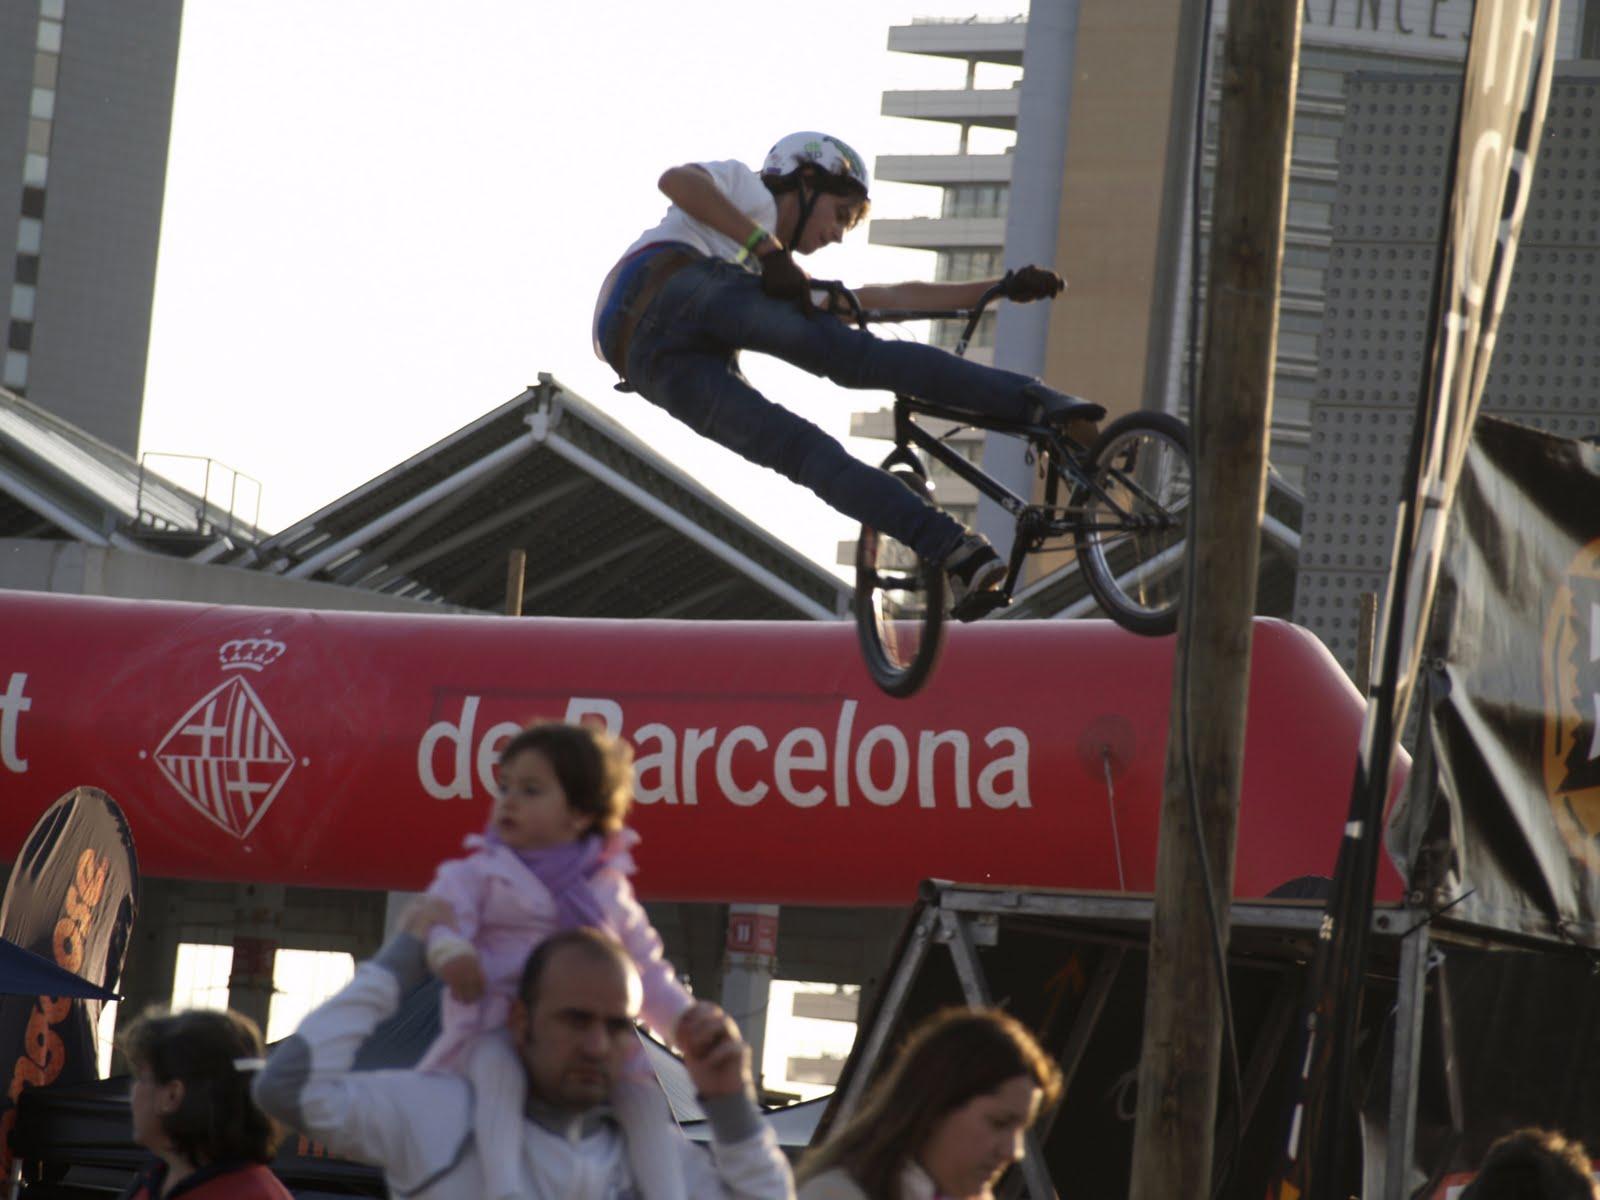 Bike Show Barcelona